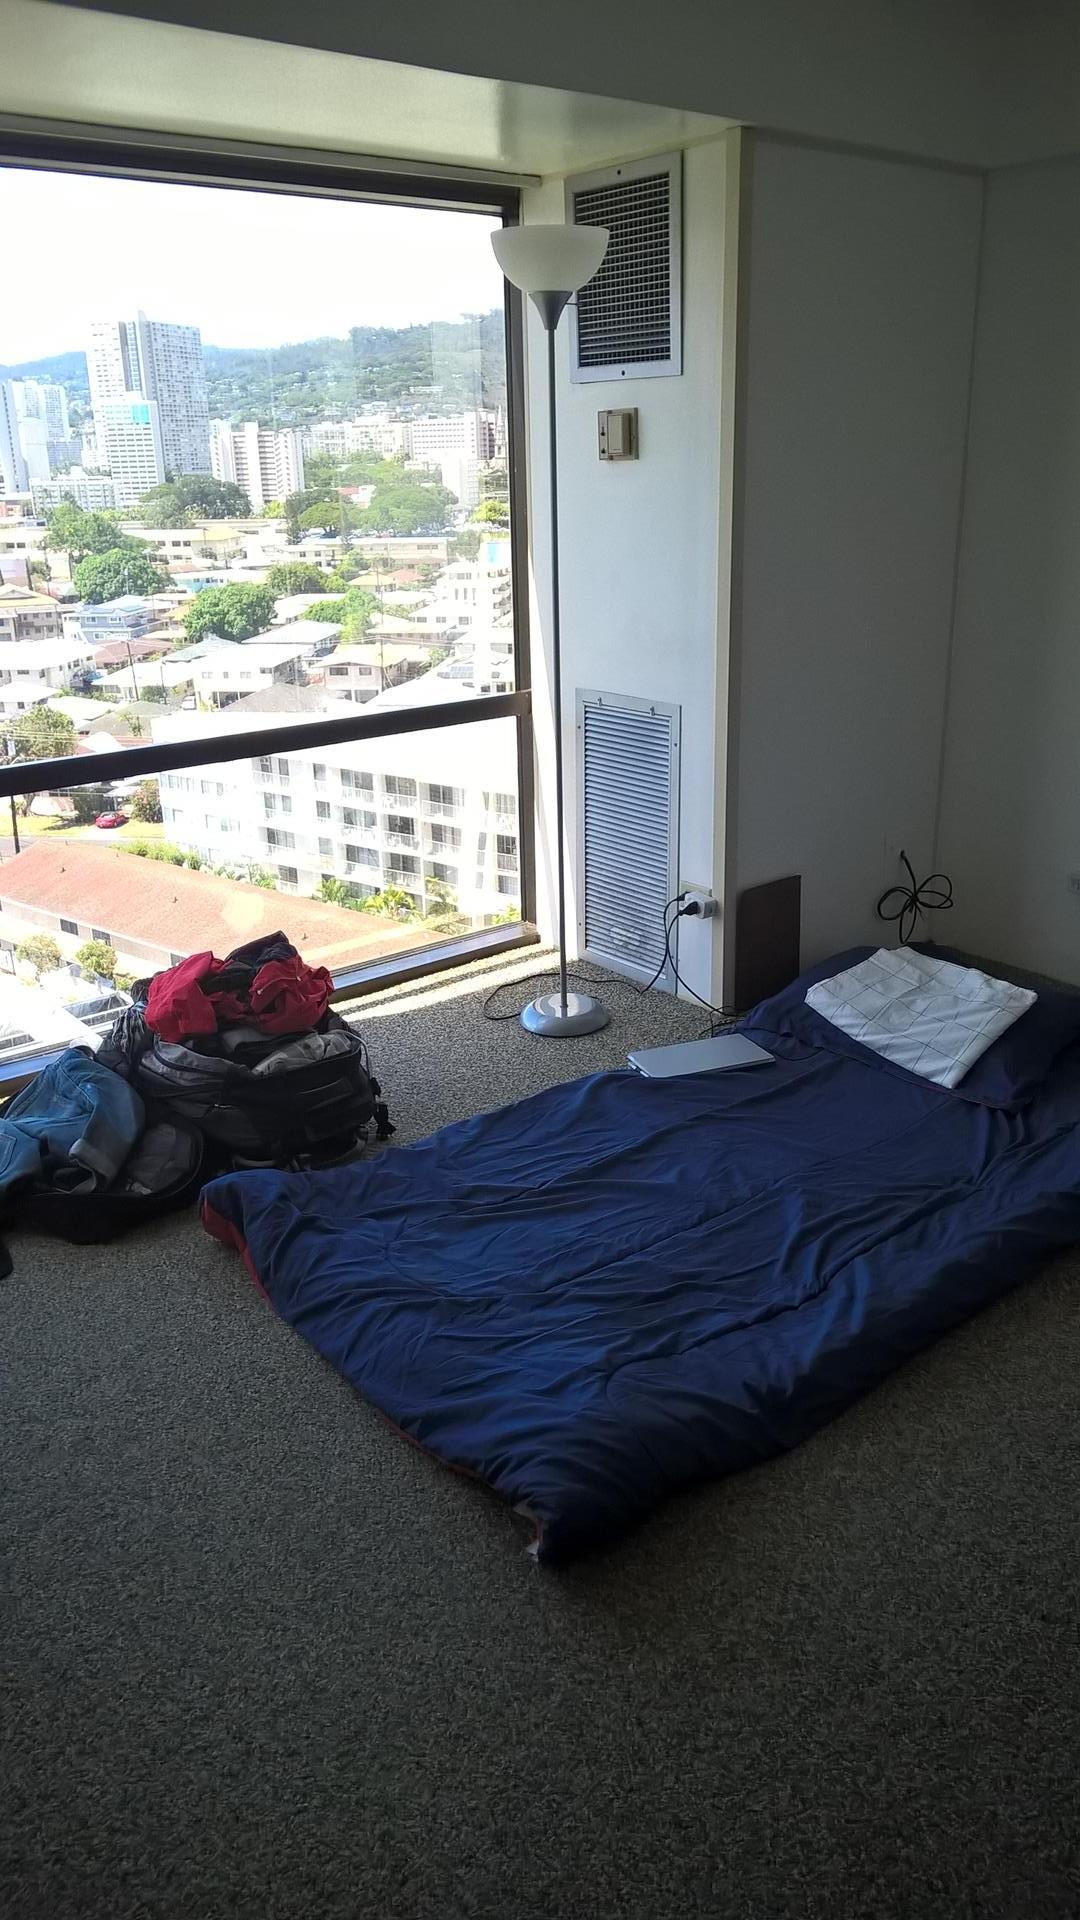 Hier lag ich sehr lange und habe geschlafen